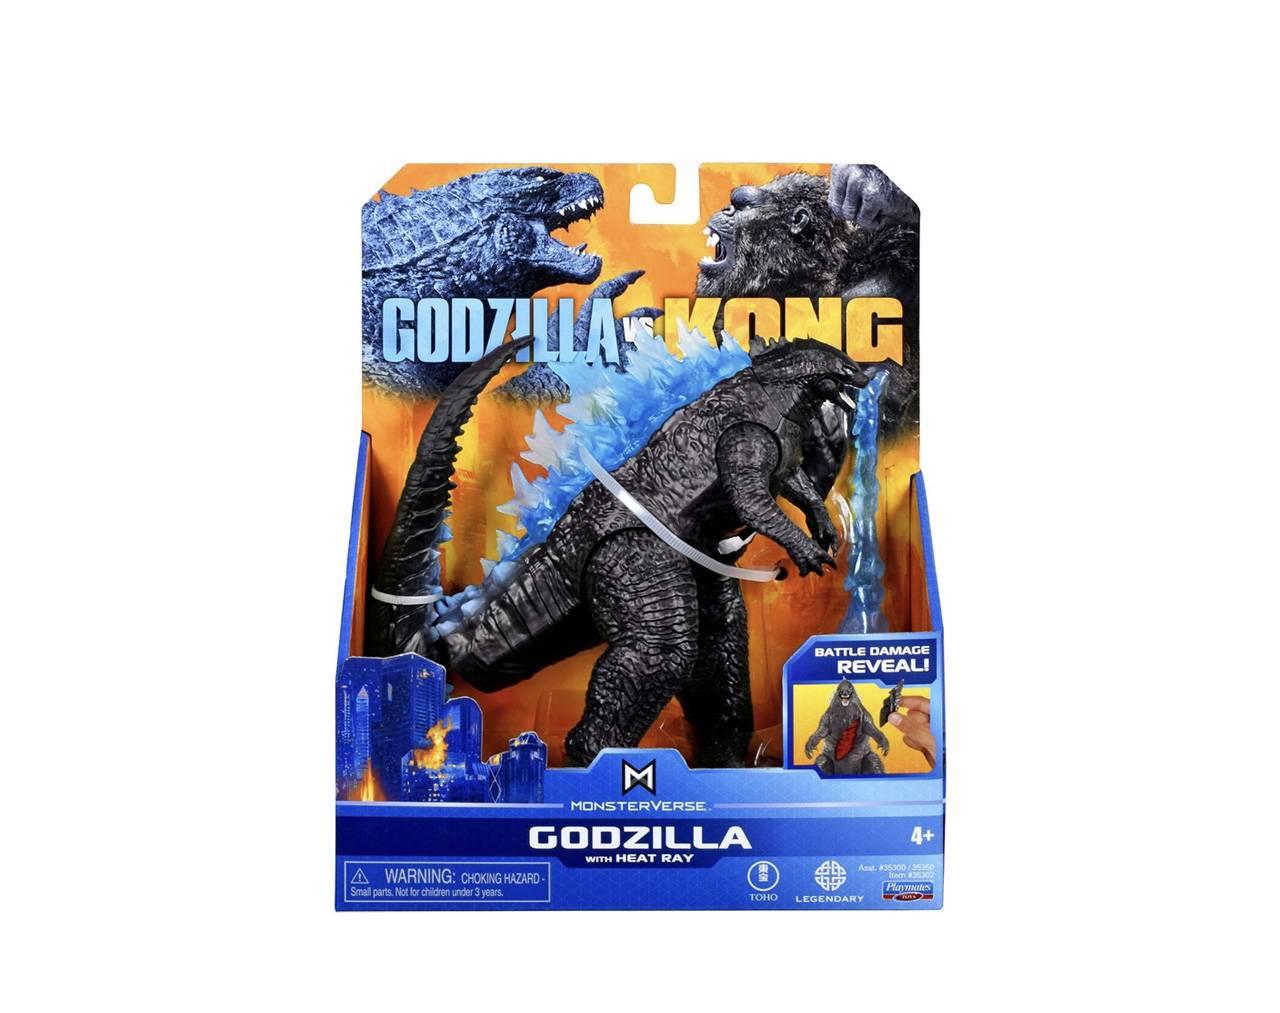 Godzilla with Heat Ray Playmates Toys